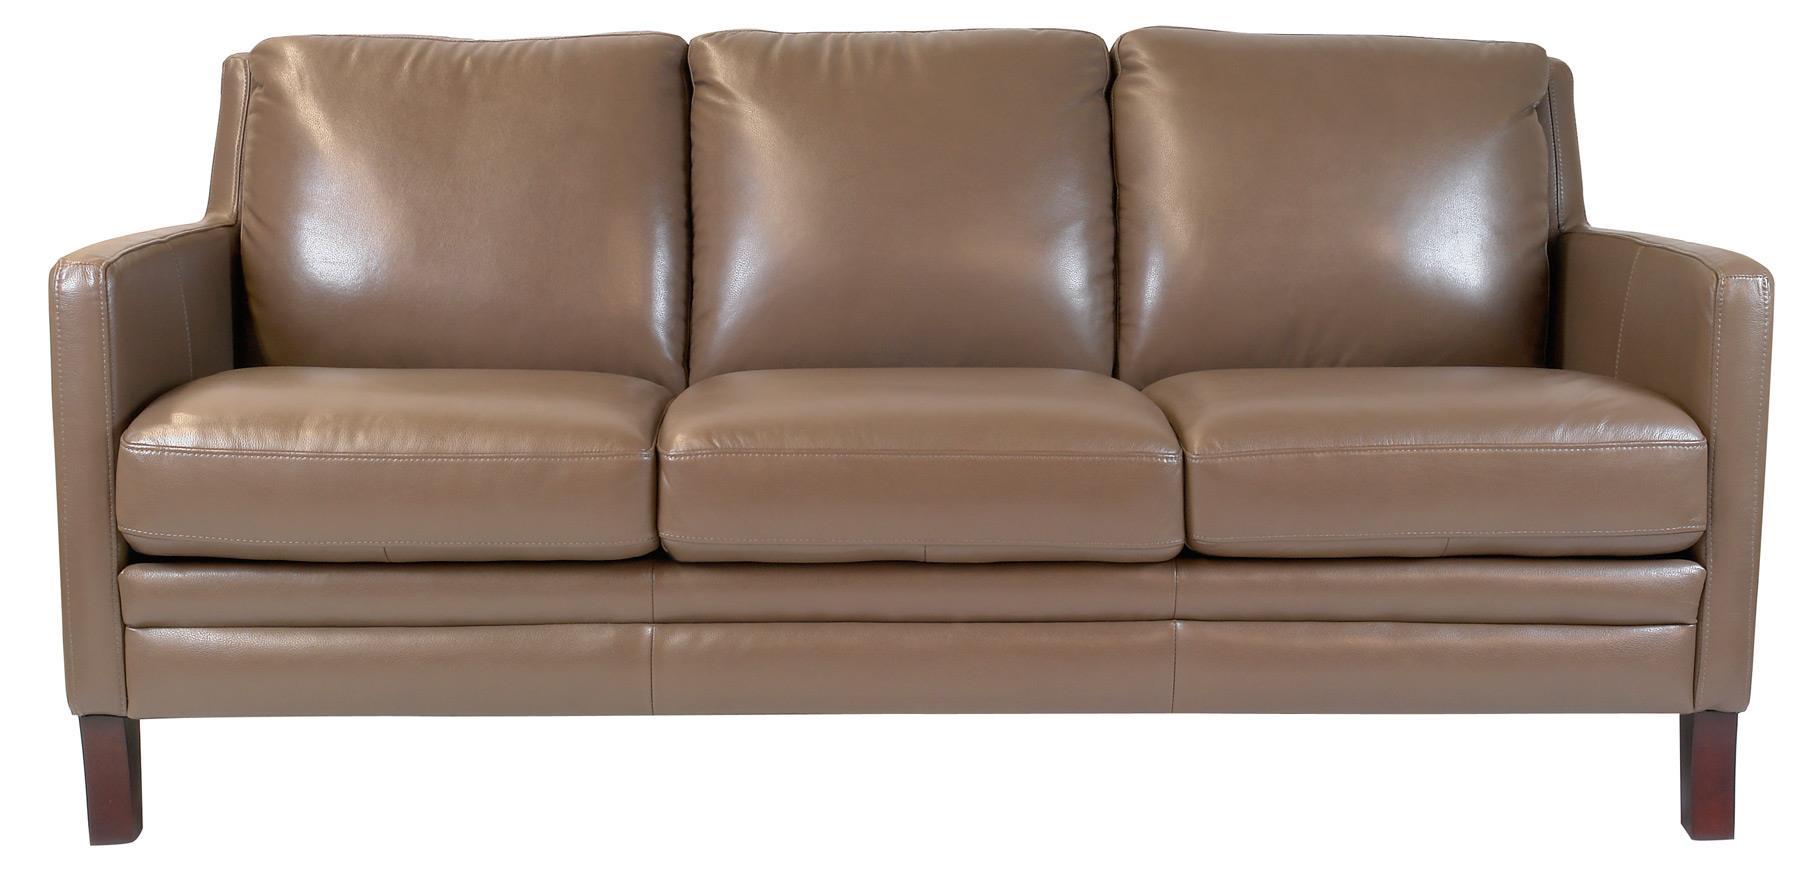 Futura Leather Maxim Sofa - Item Number: 8648-30